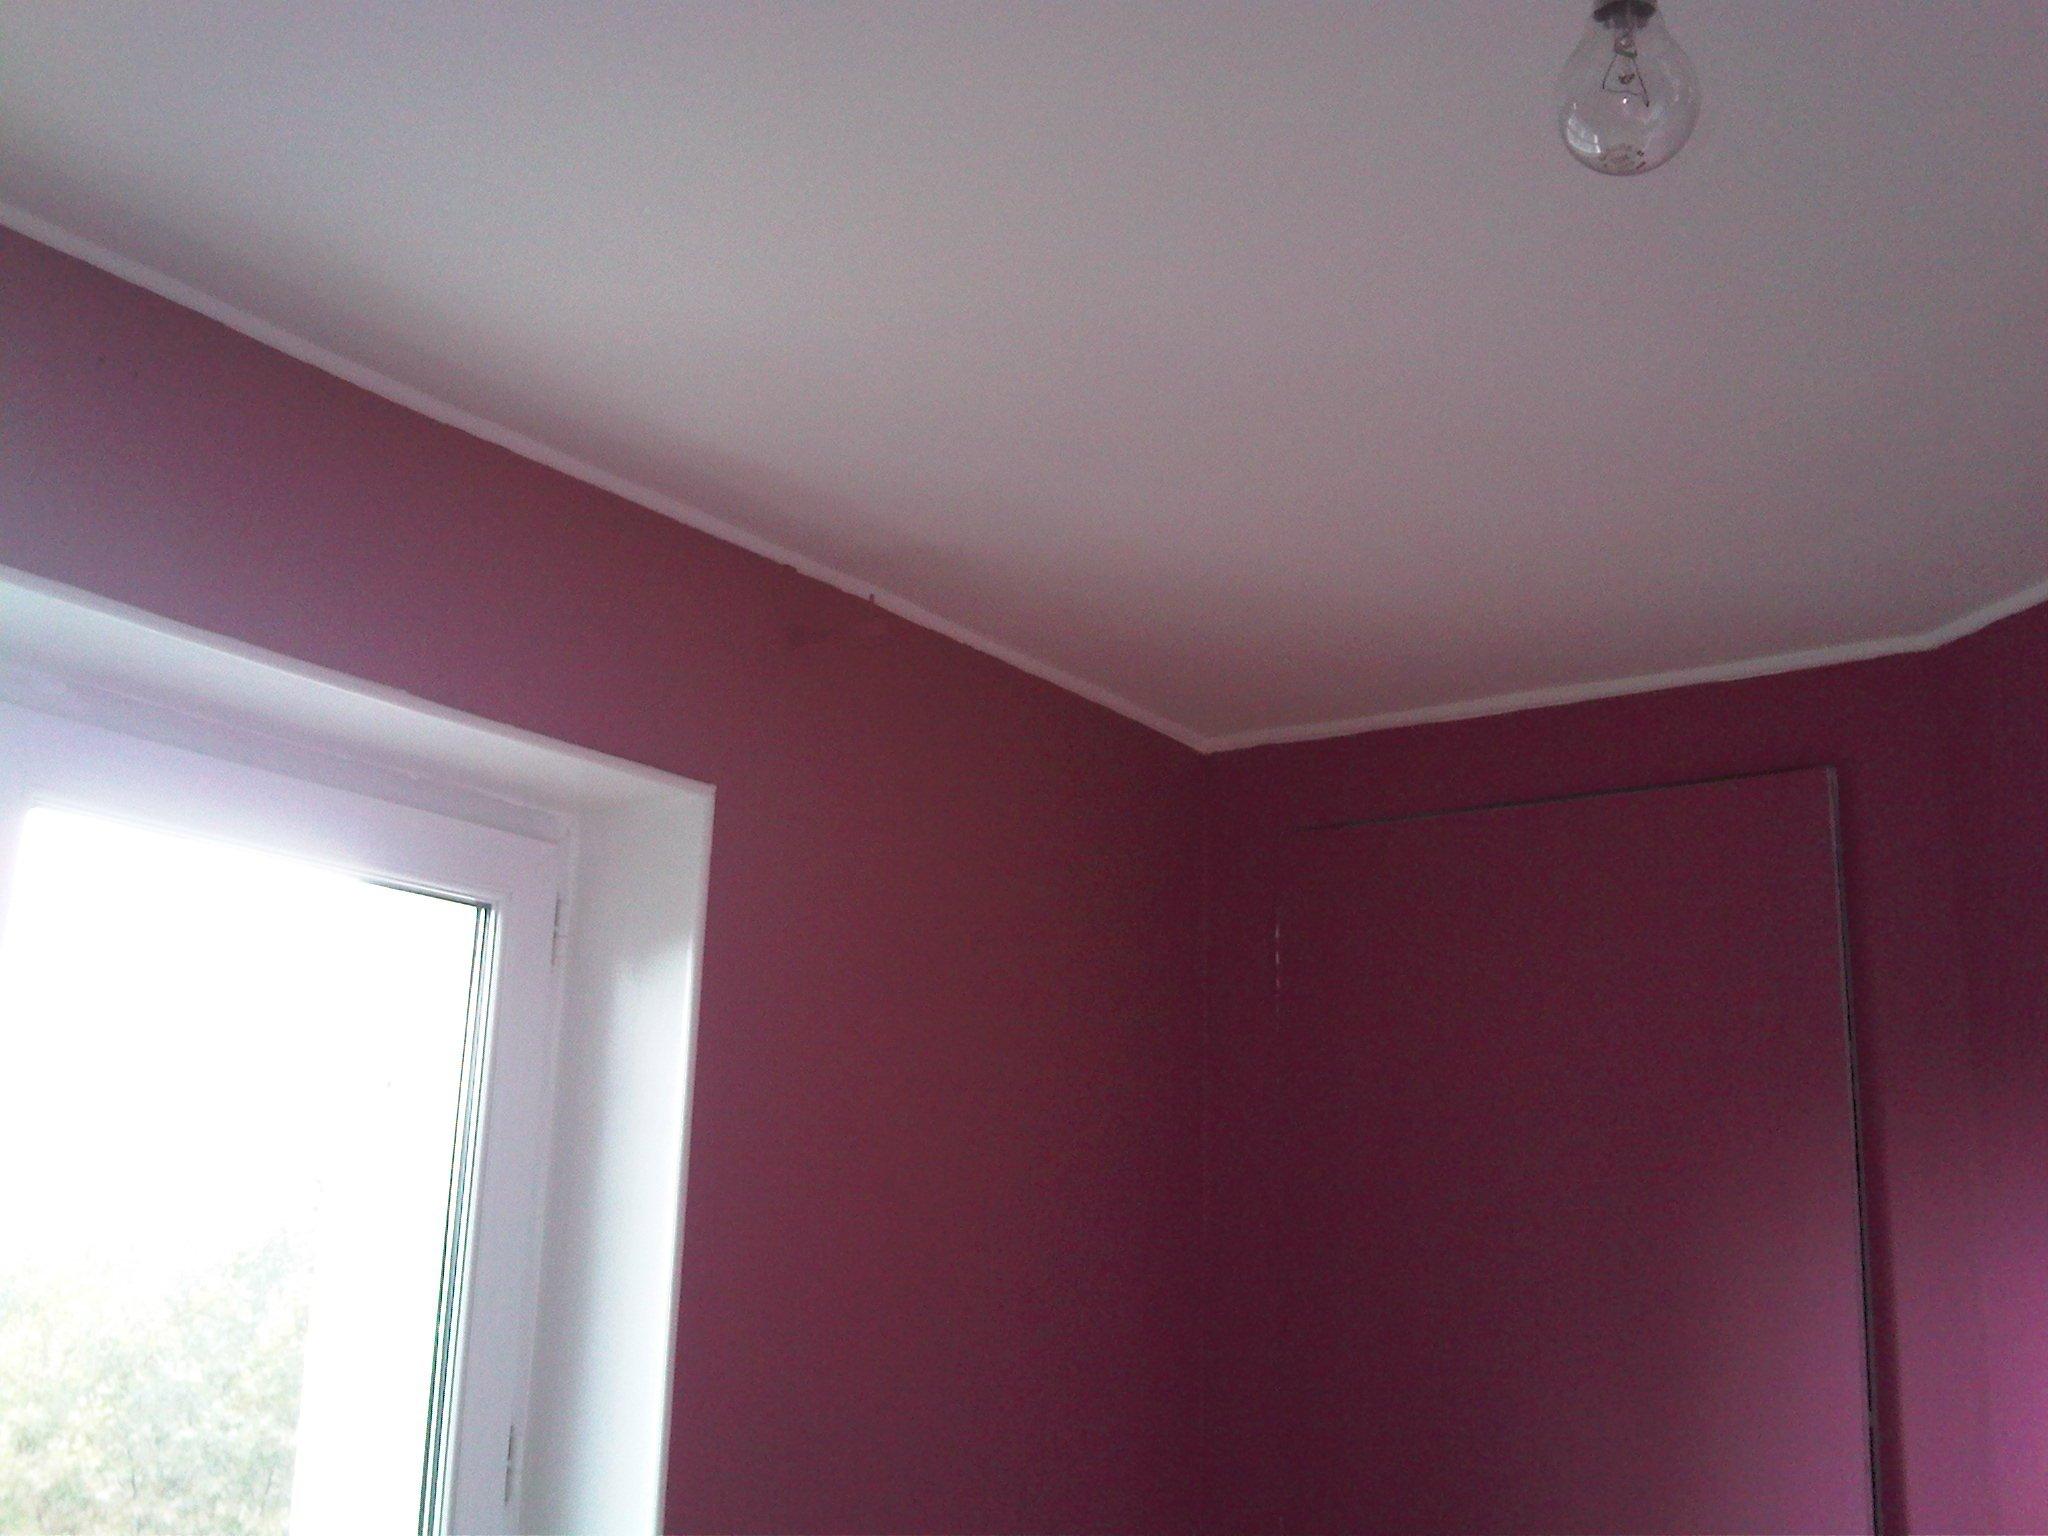 Mise en peinture maison mise en peinture appartement mise for Peinture maison